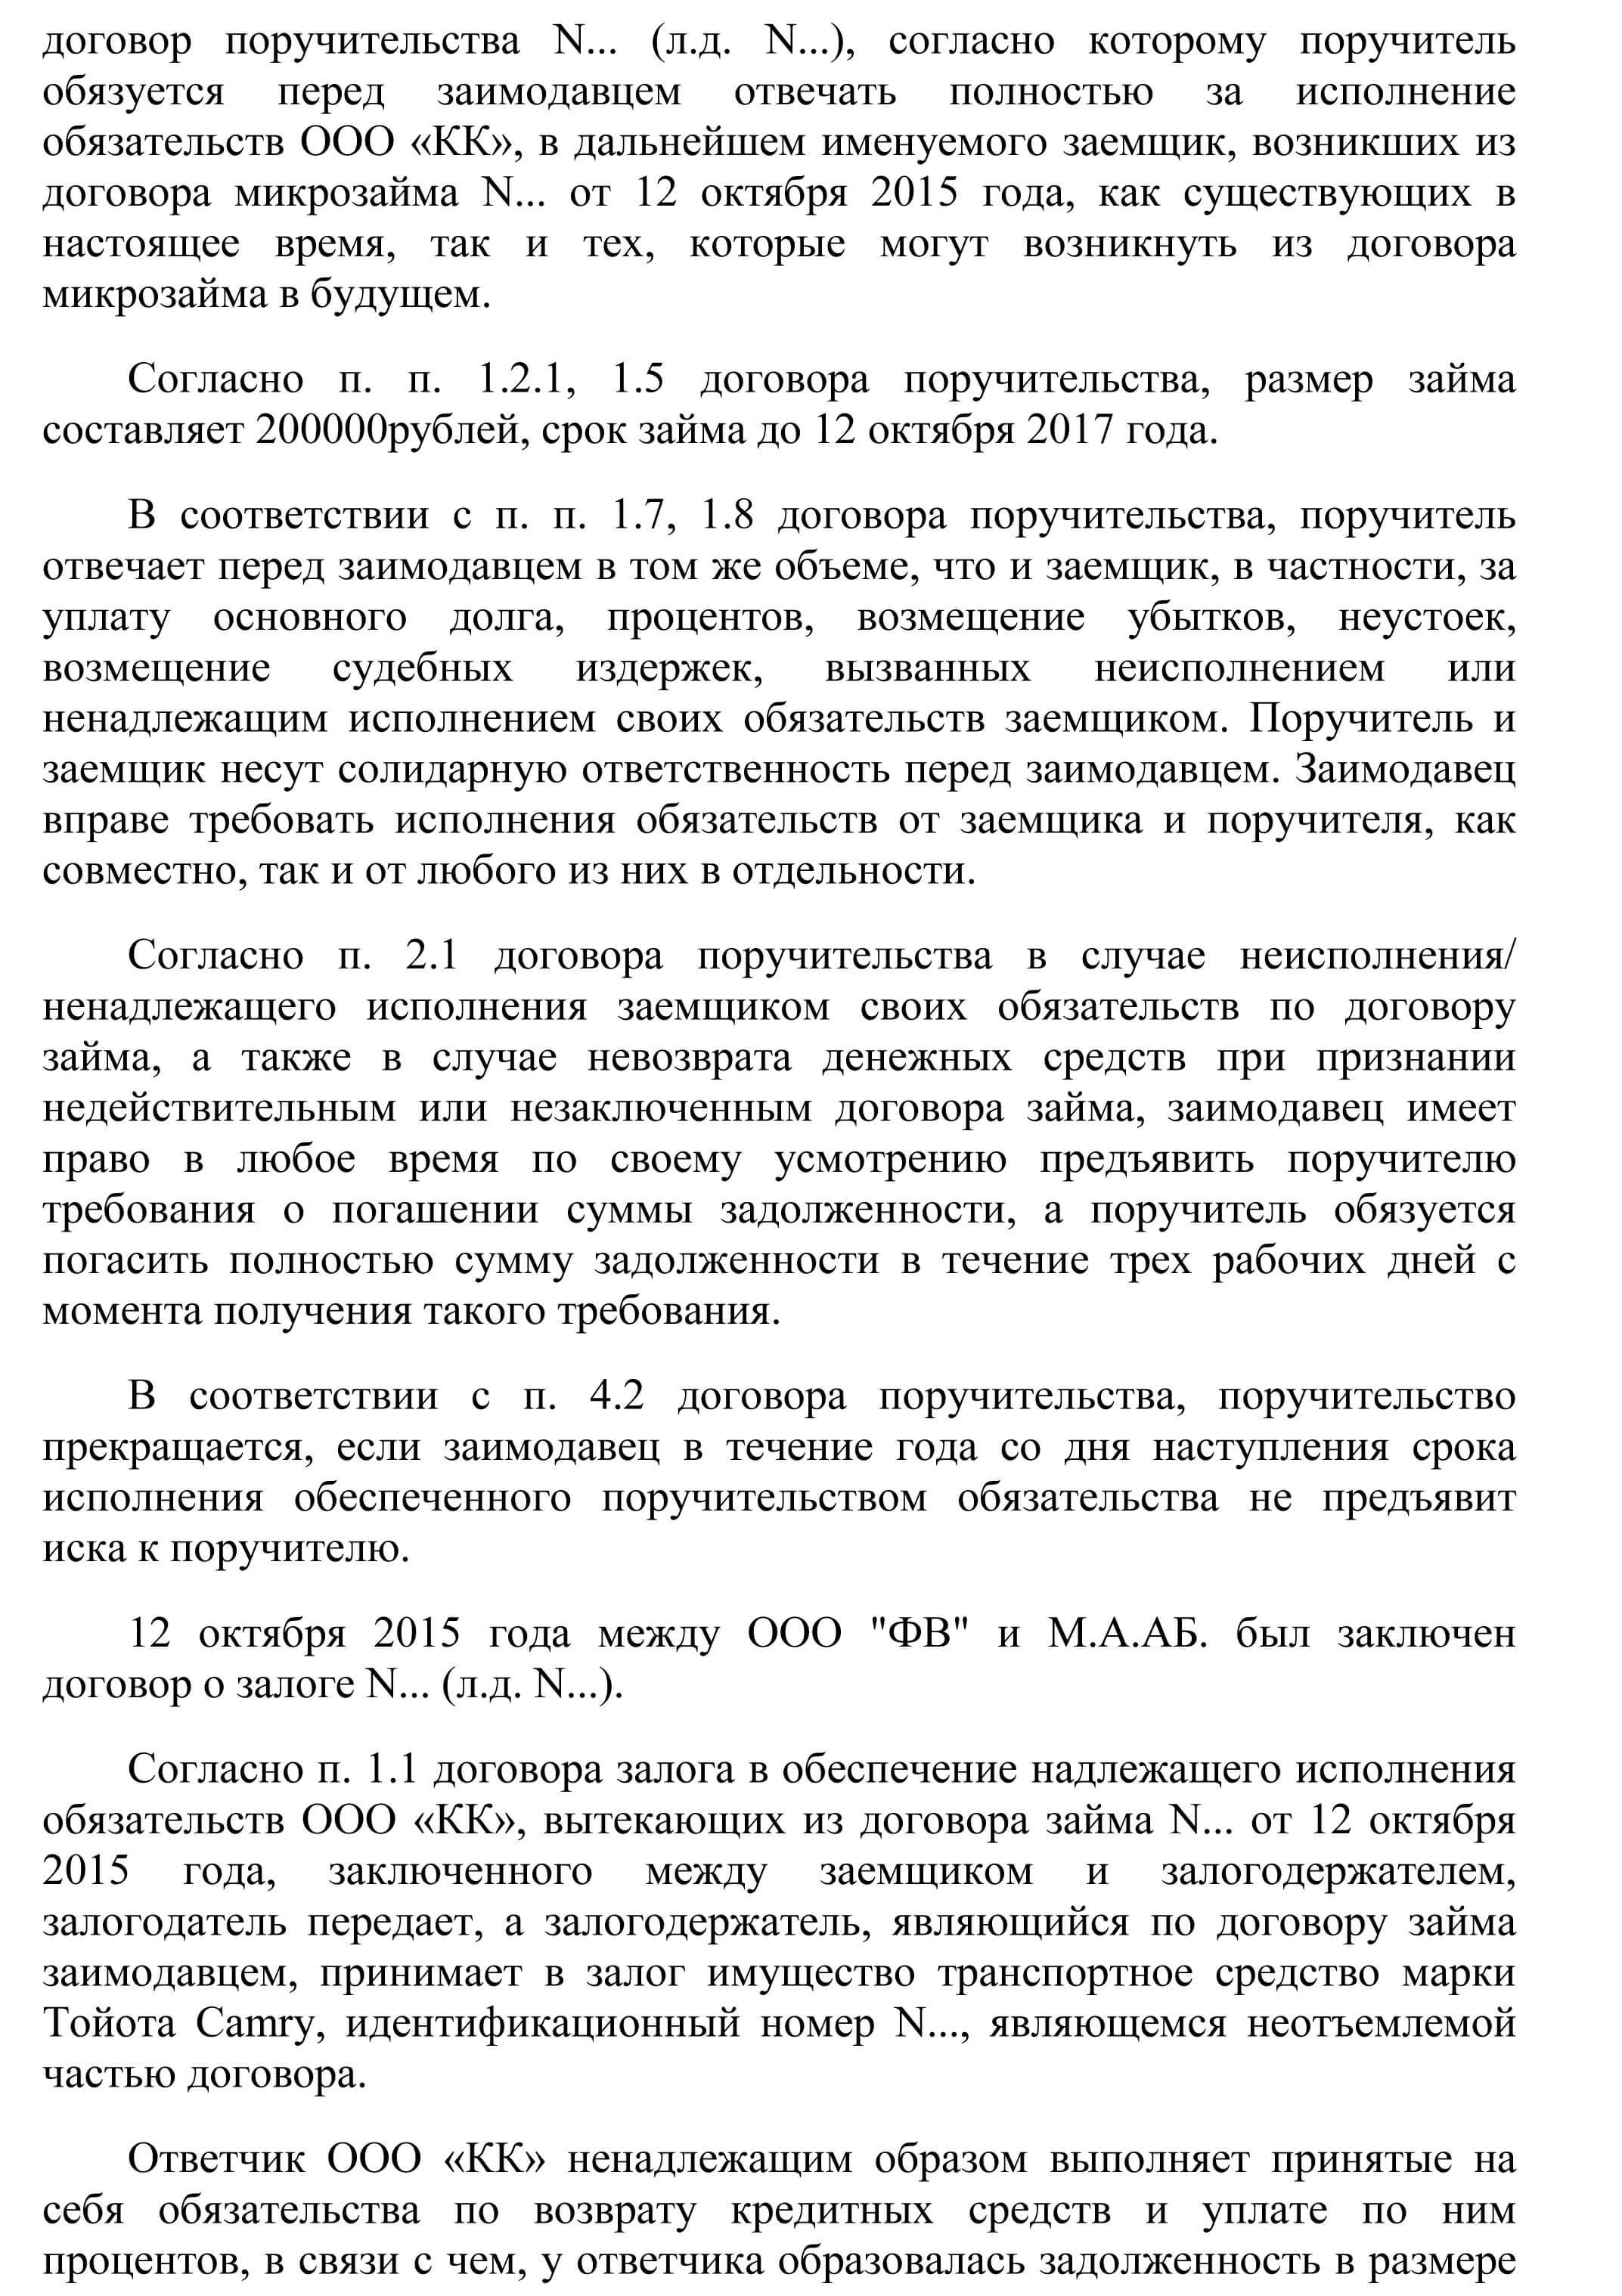 Исковое заявление о признании договора микрозайма незаключенным